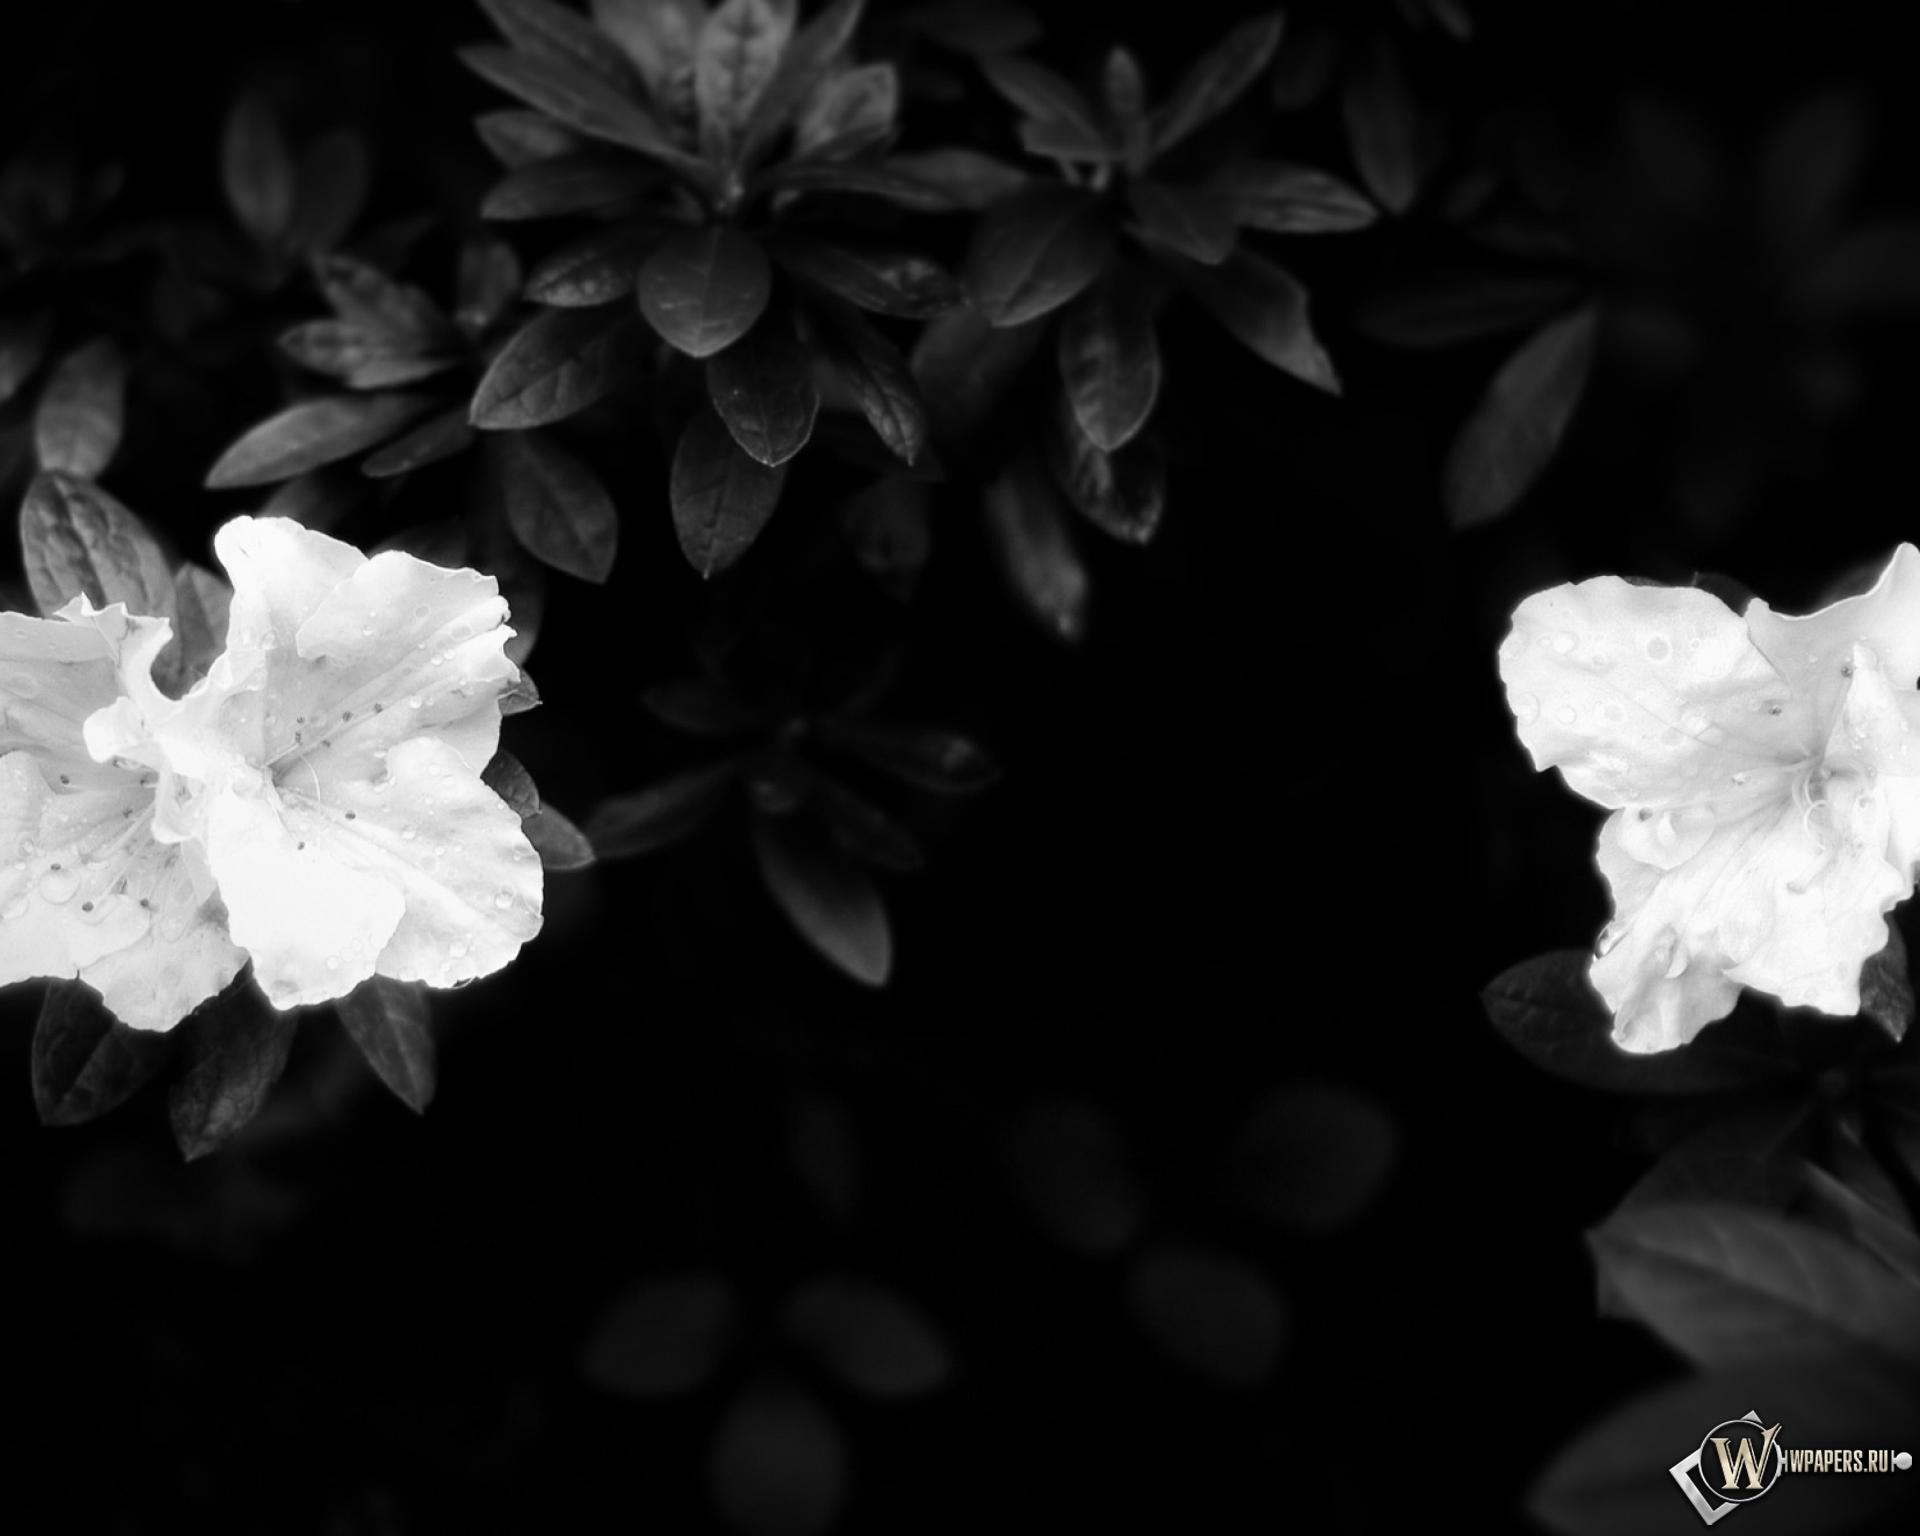 цветы на столе картинки черно-белые идеальное место